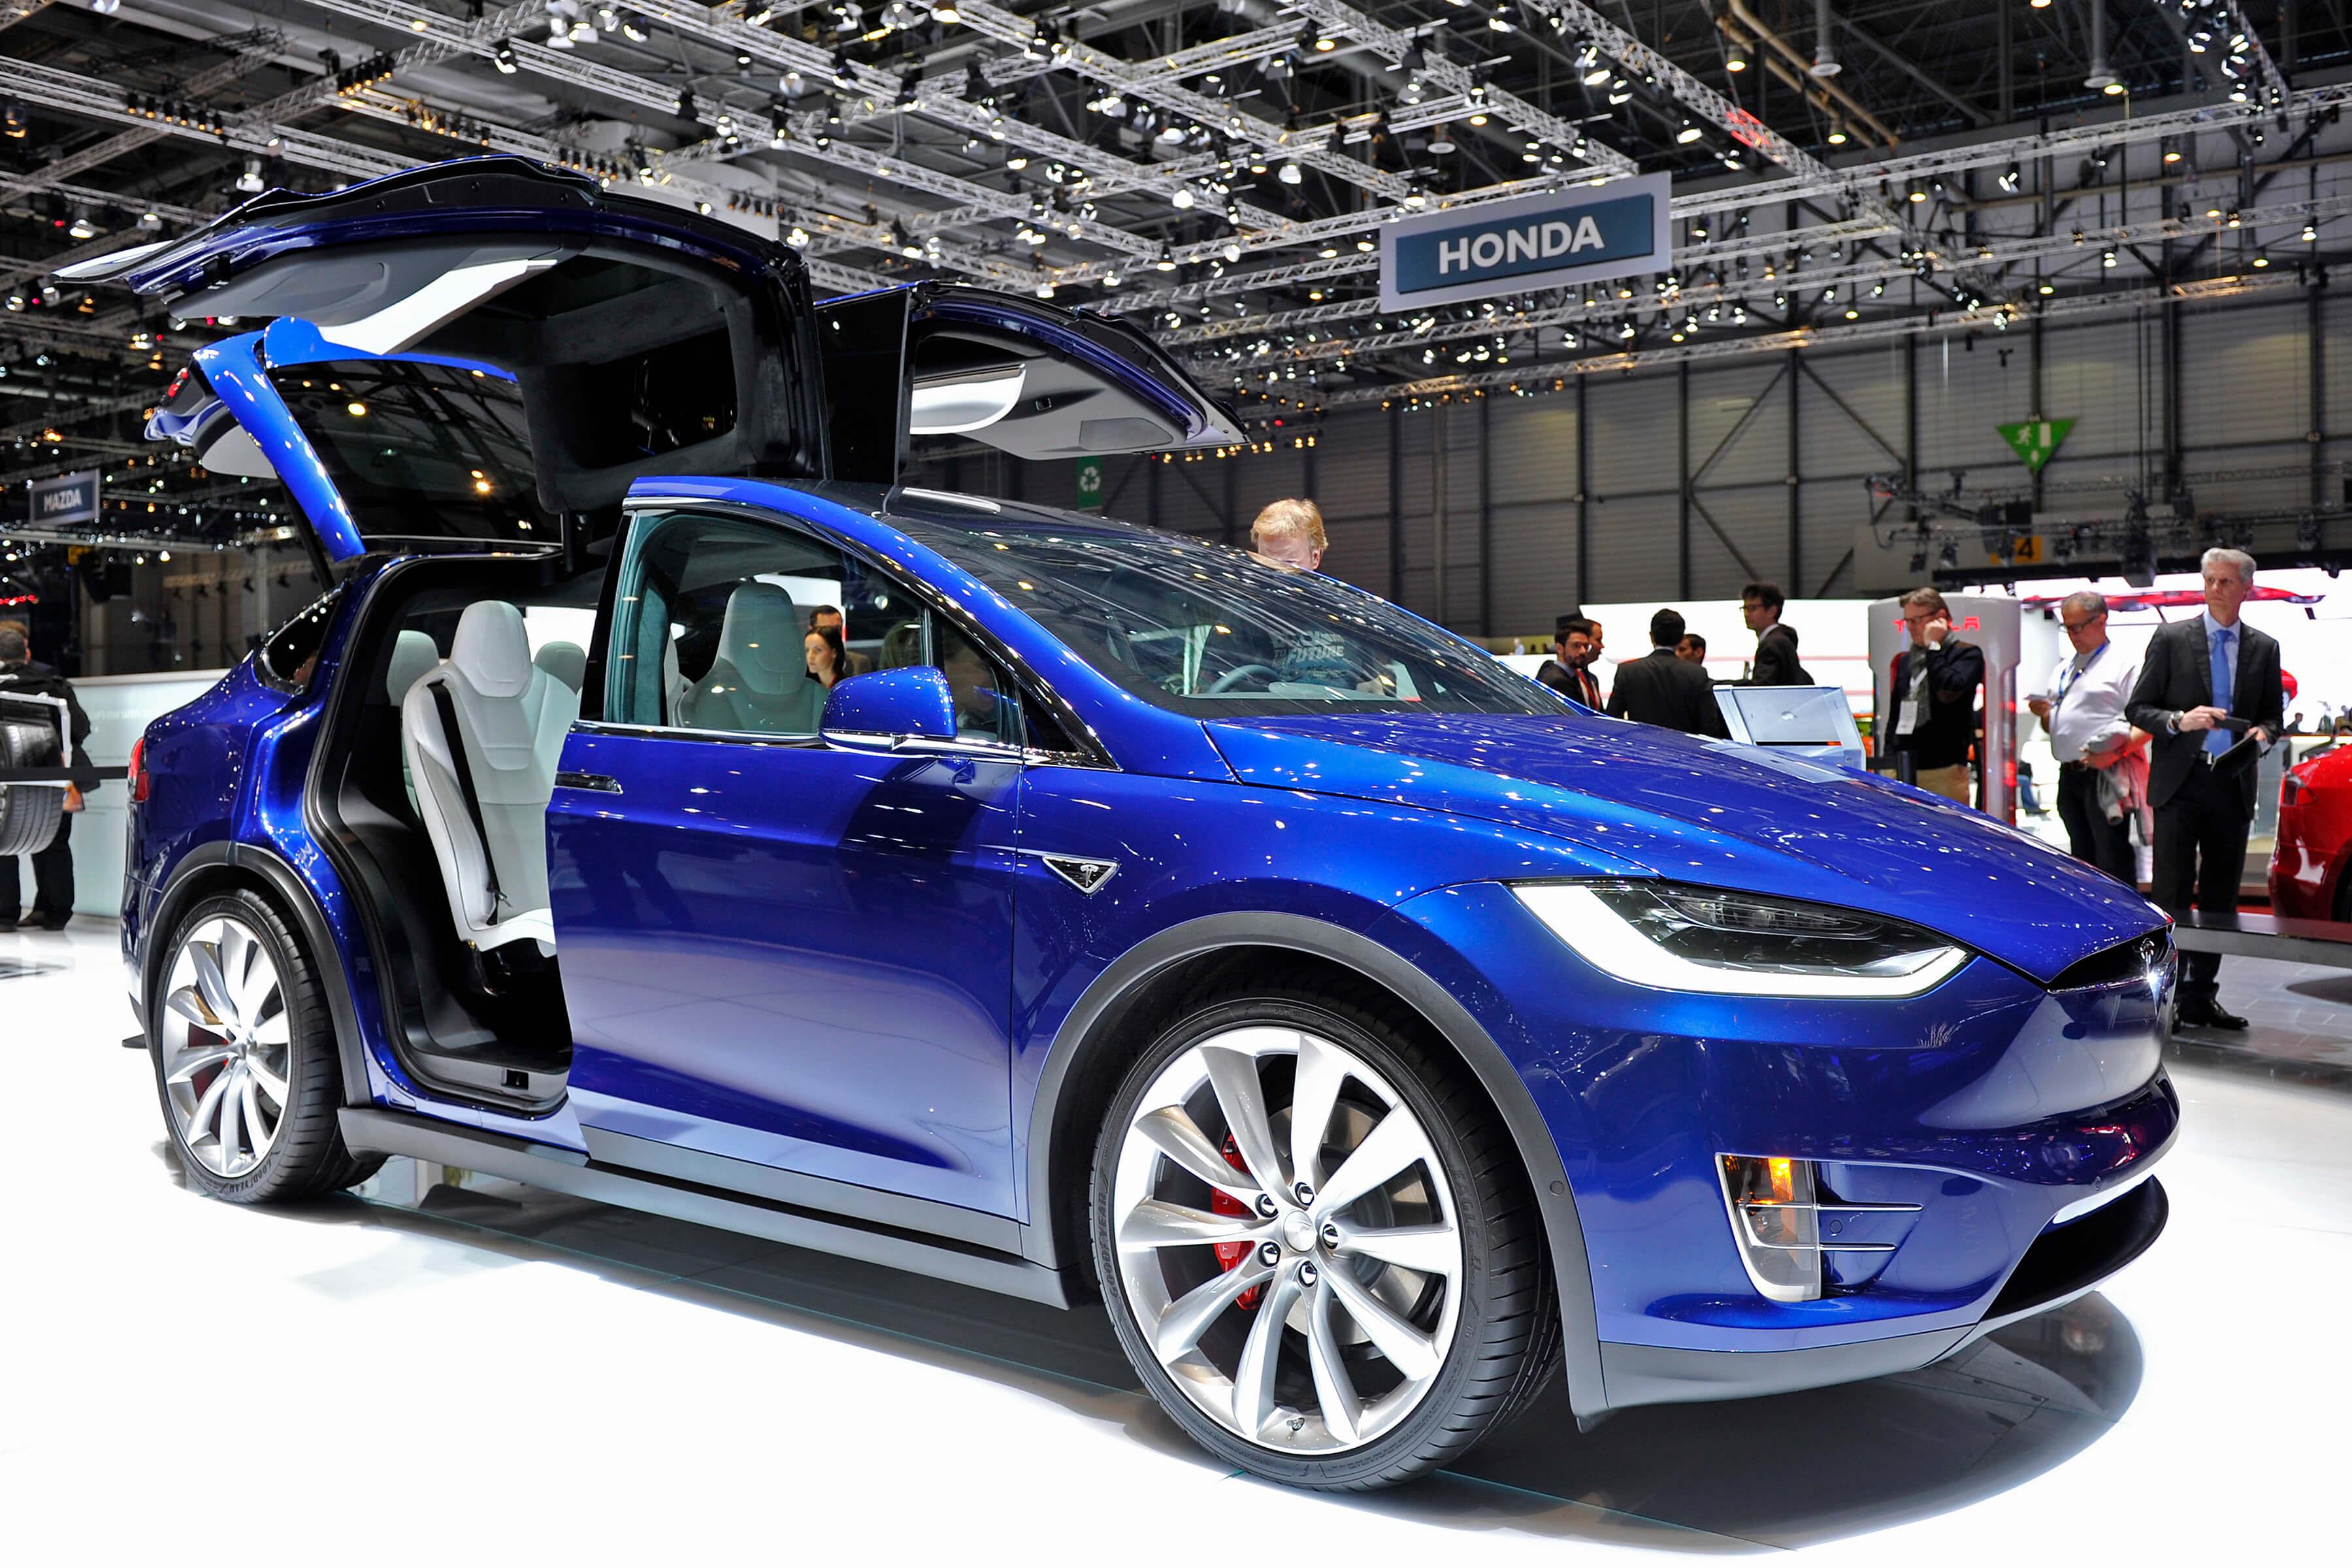 Tesla Model X na autosalonu v Ženevě 2016, zdroj: automobile-propre.com